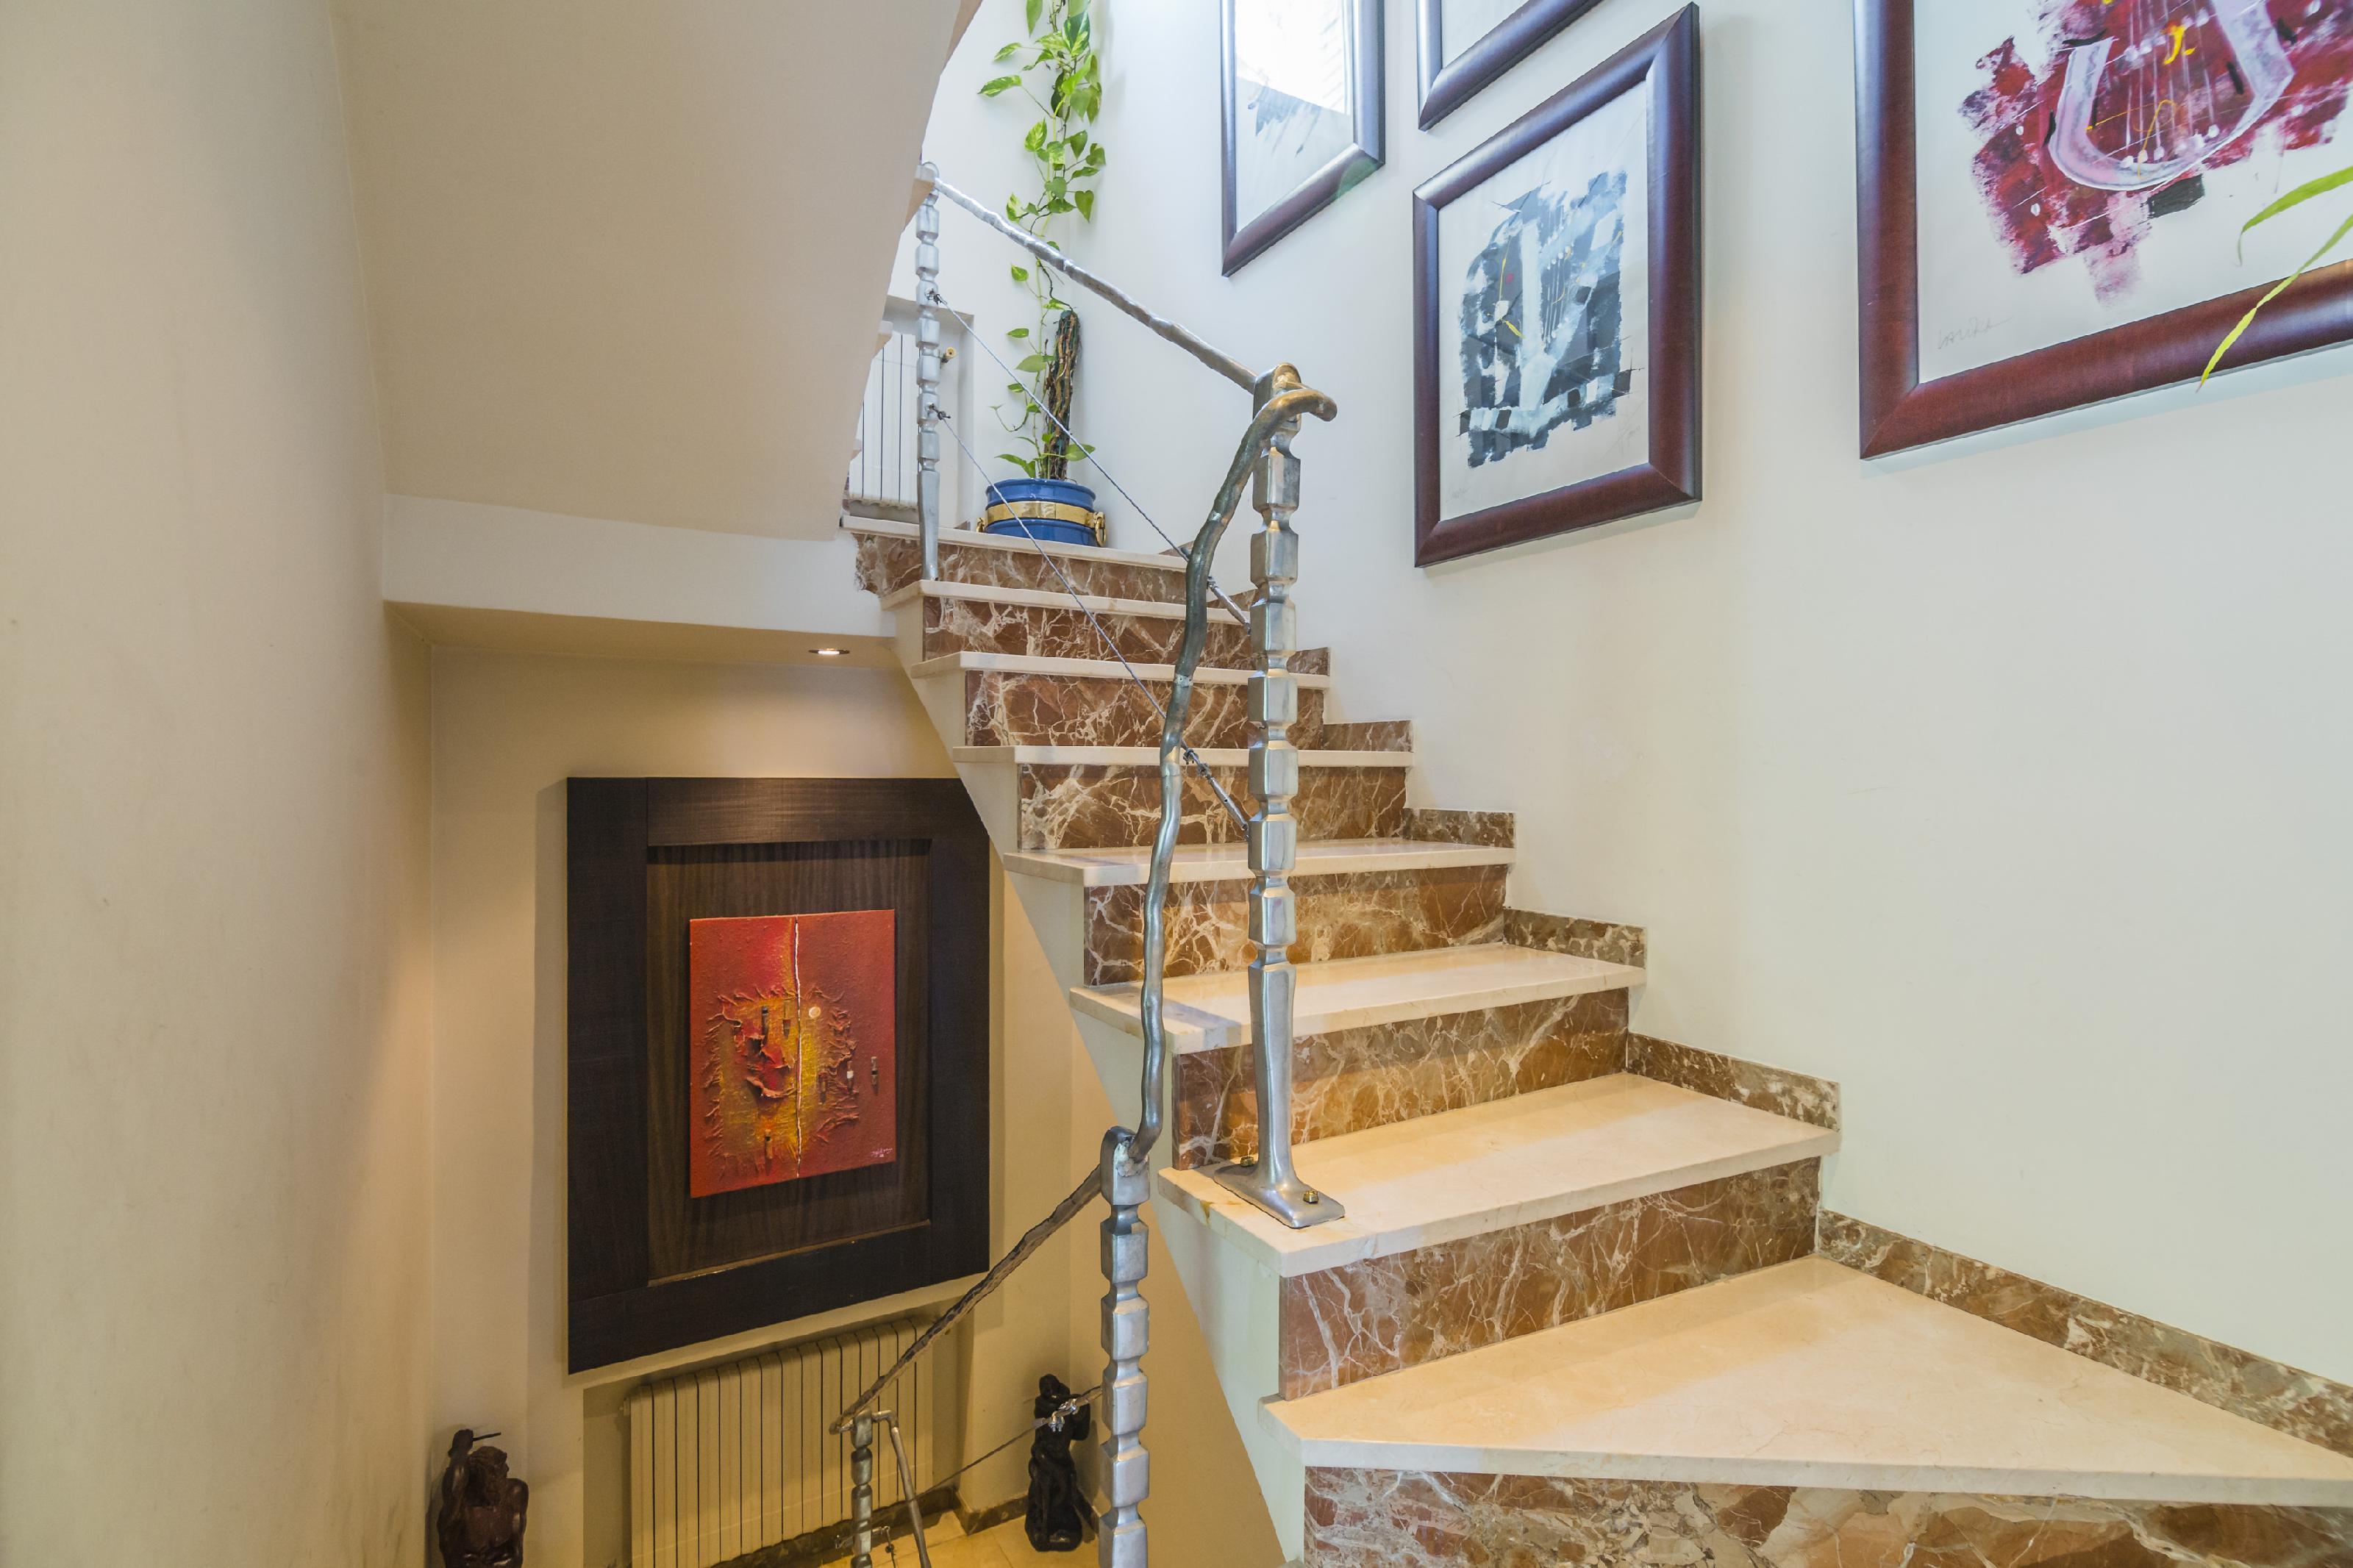 222464 Detached House for sale in Masnou (El) 28